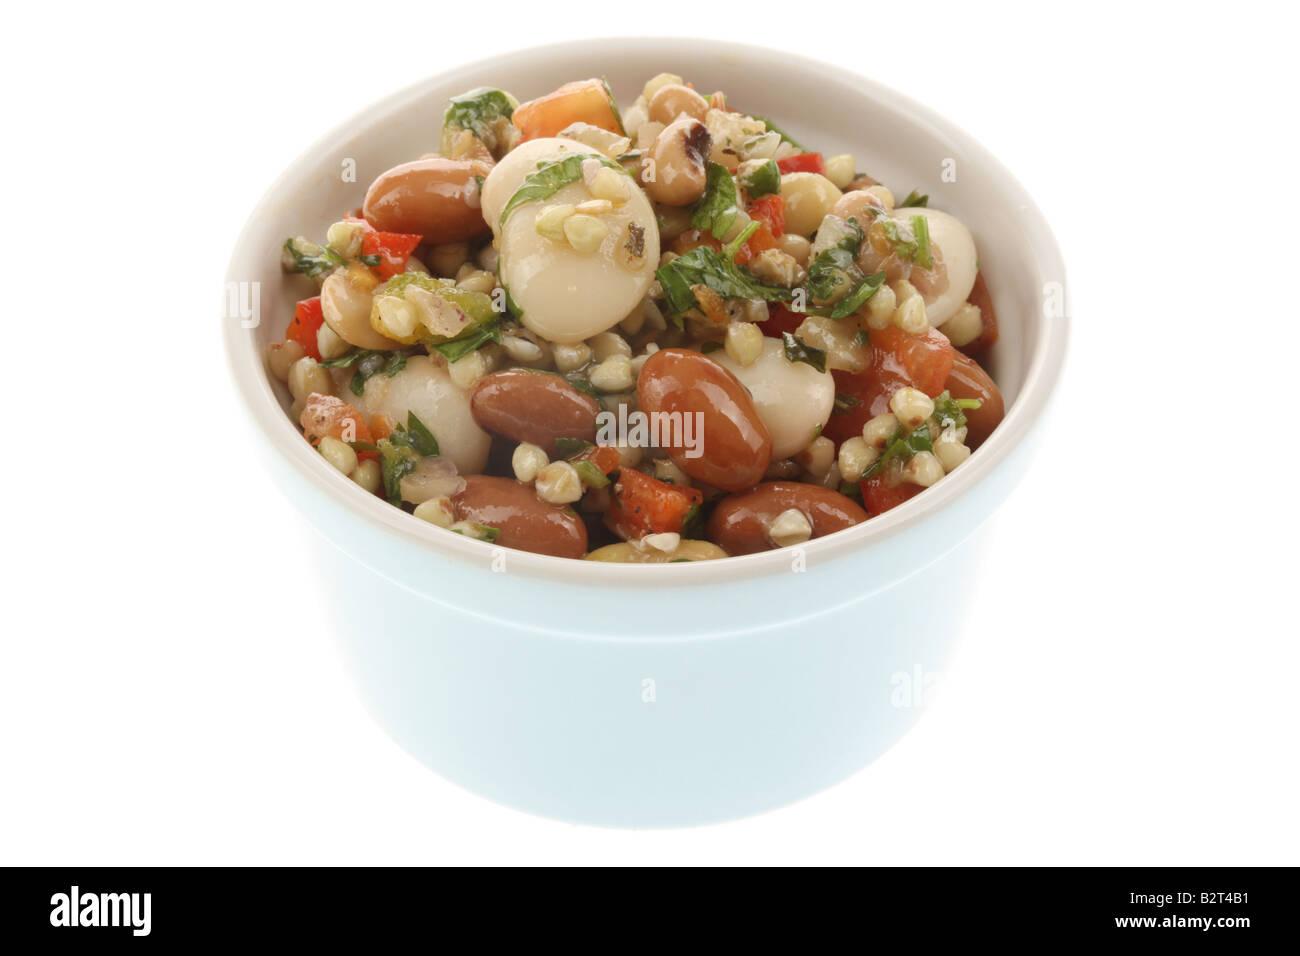 Four Bean Salad - Stock Image